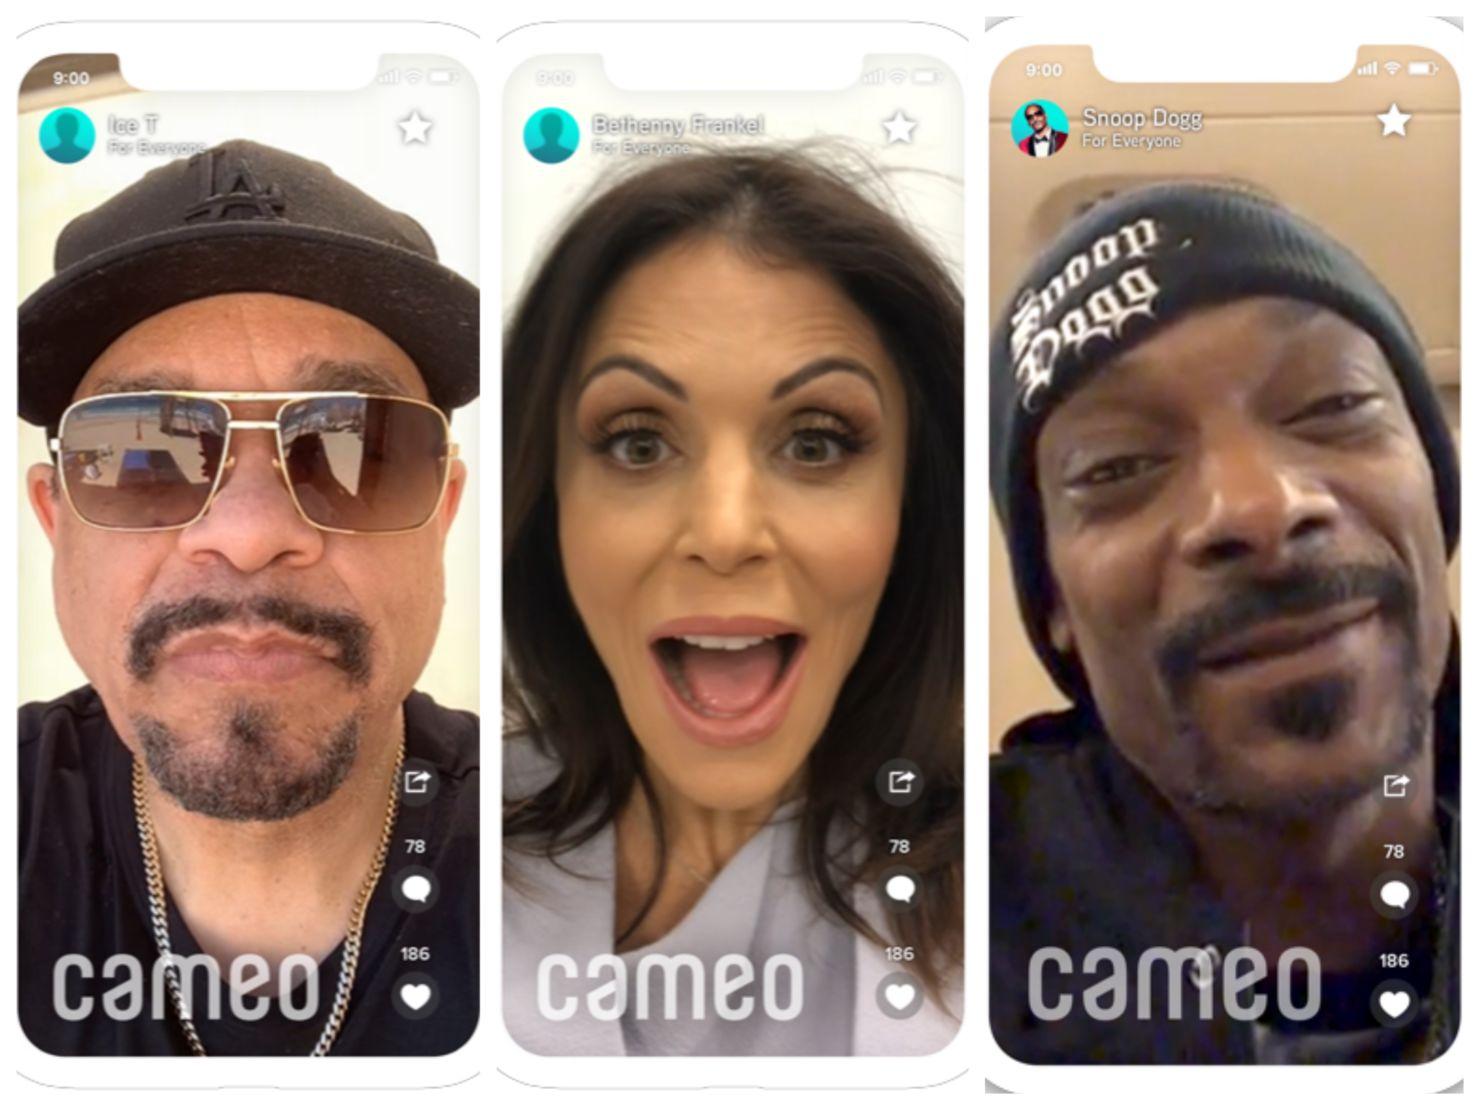 Esta app te permite hacer videollamadas con tus celebridades favoritas